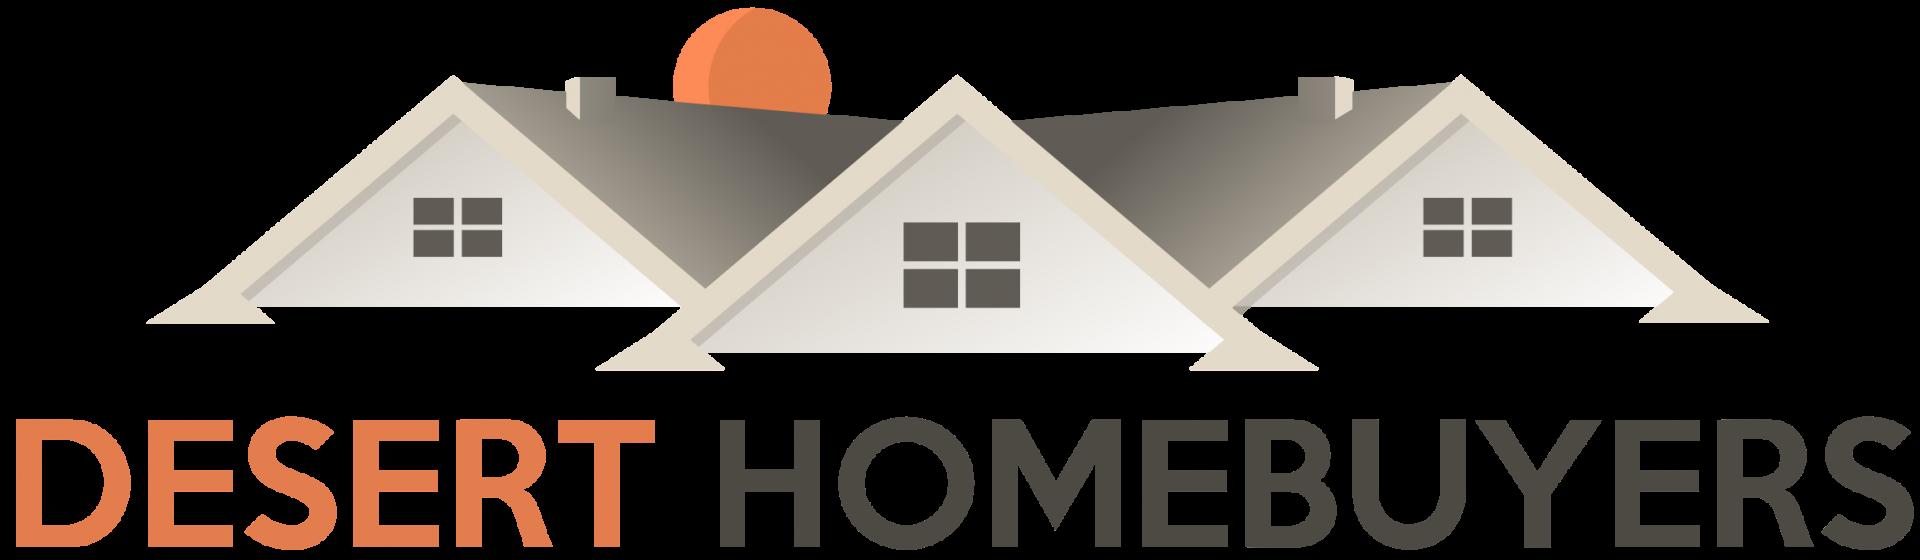 Desert Homebuyers  logo